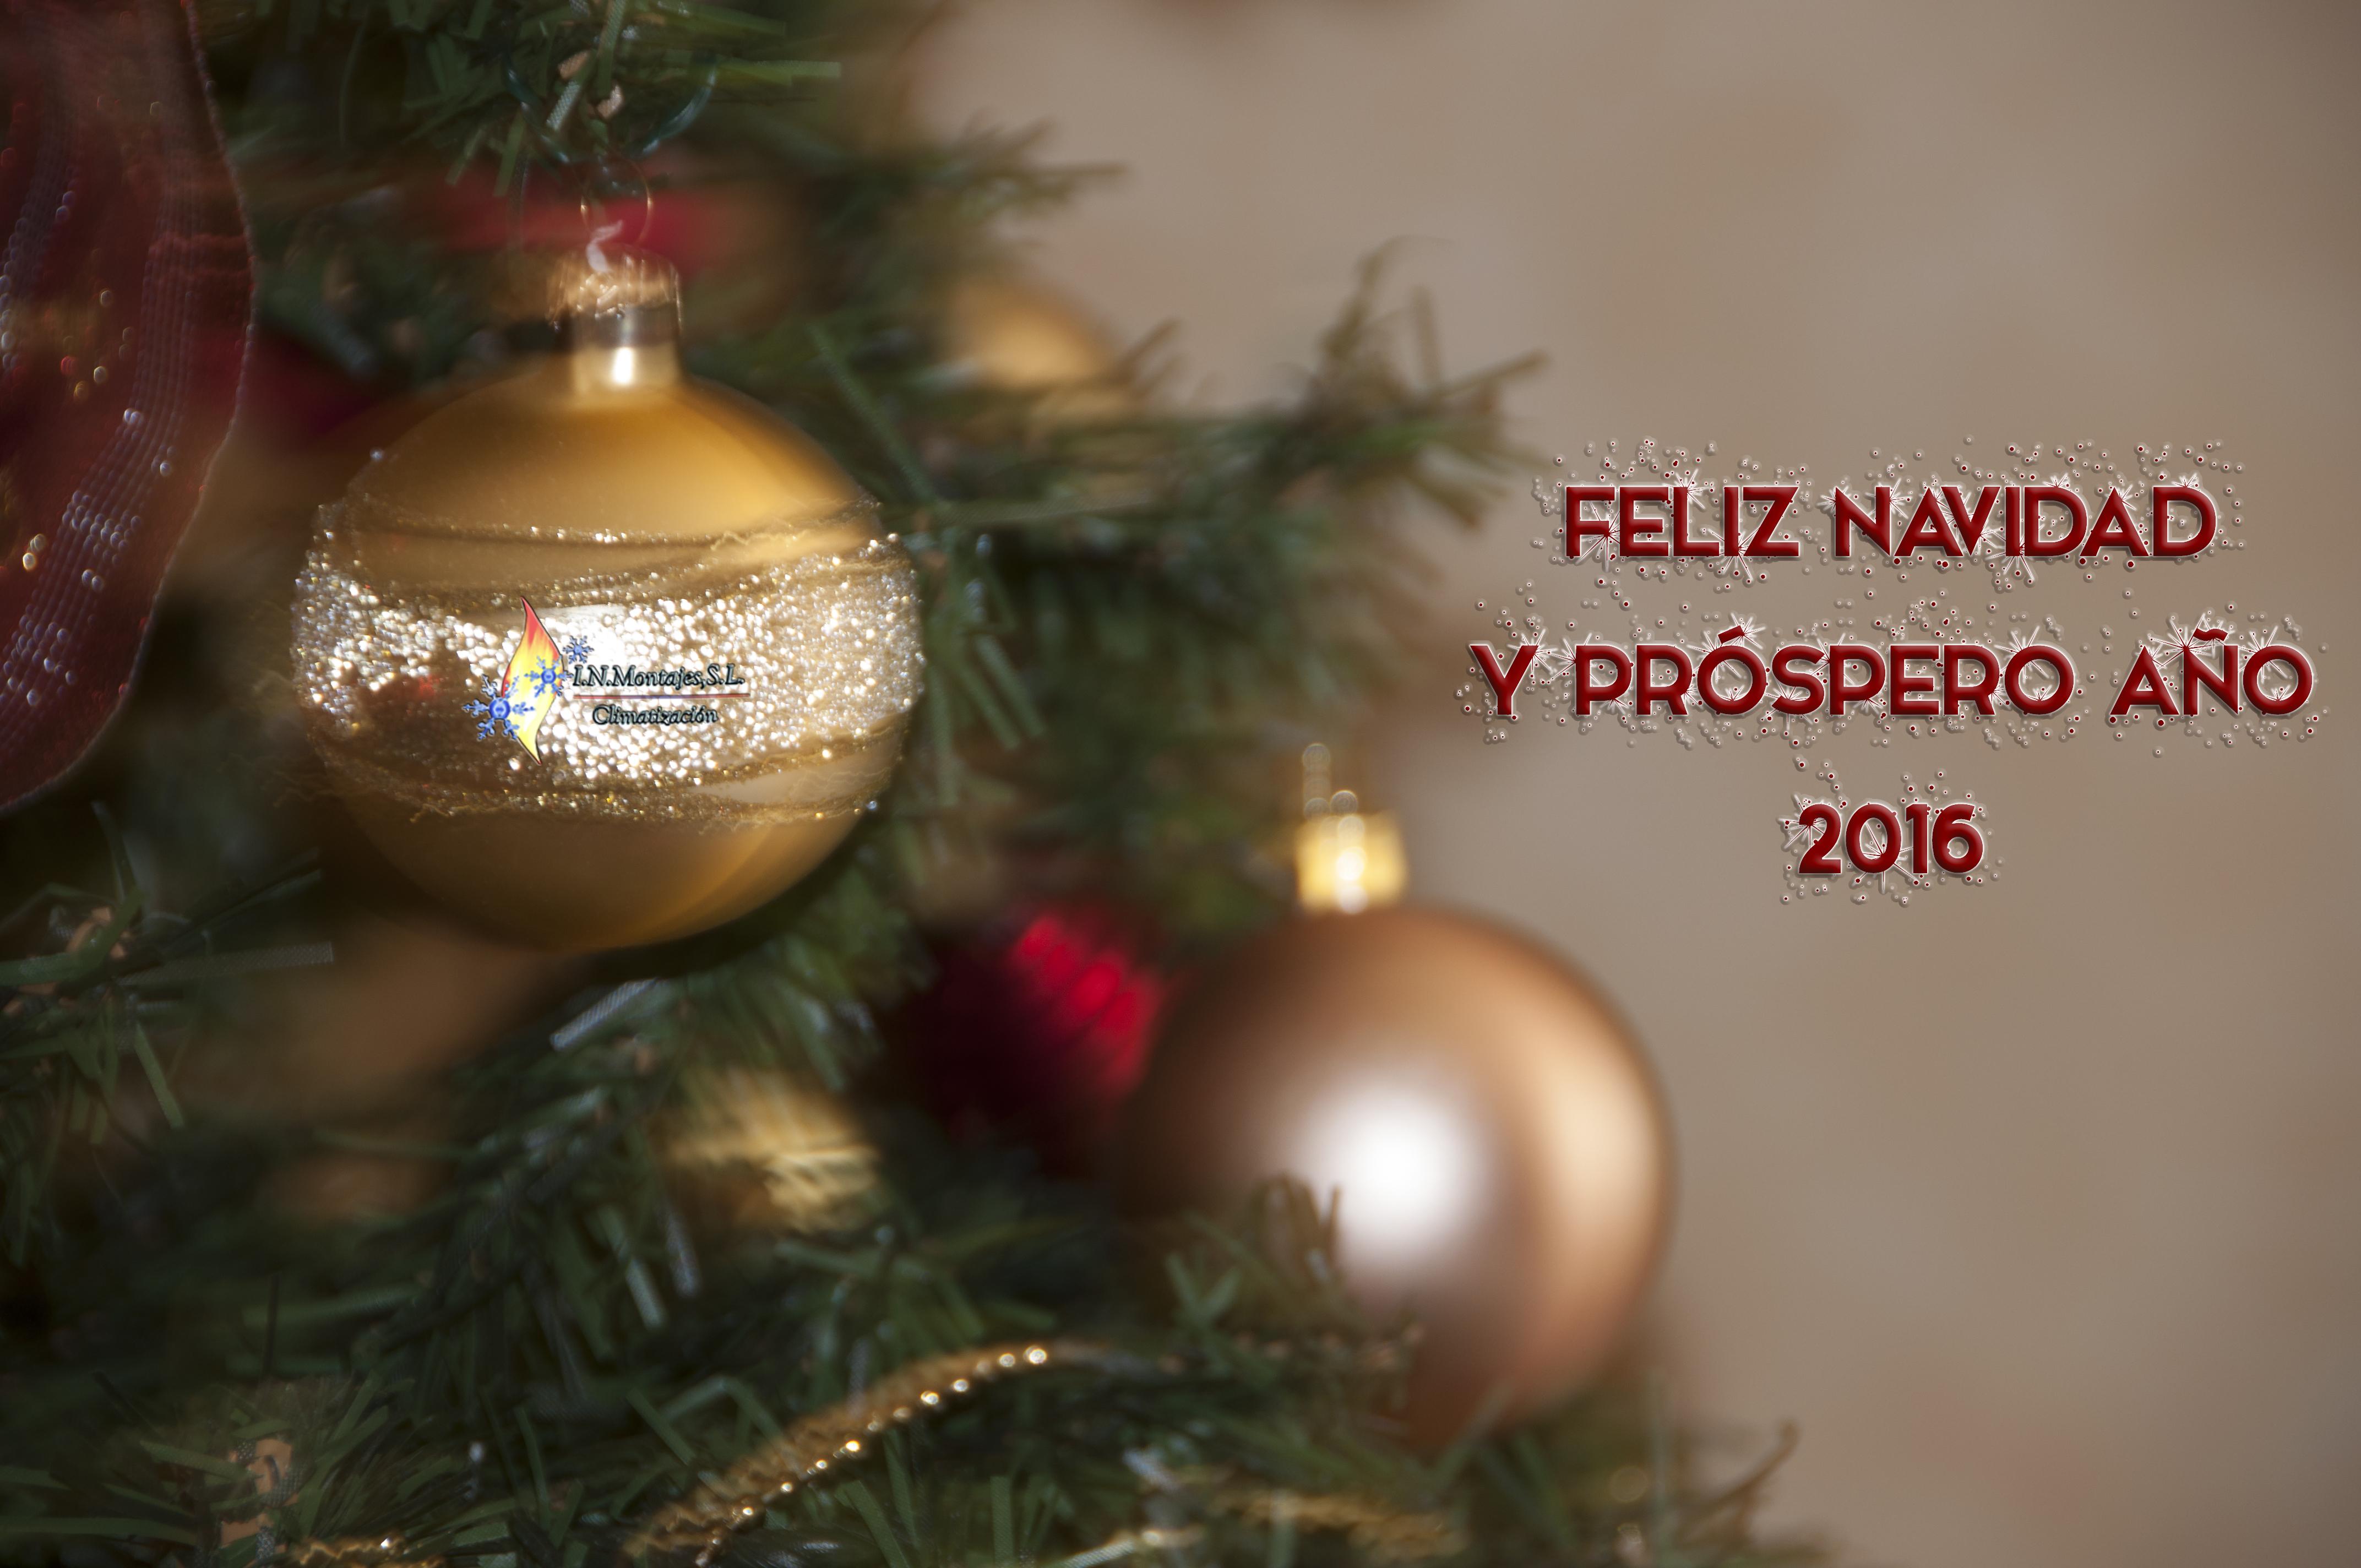 I.N. Montajes os desea Feliz Navidad y próspero año 2016